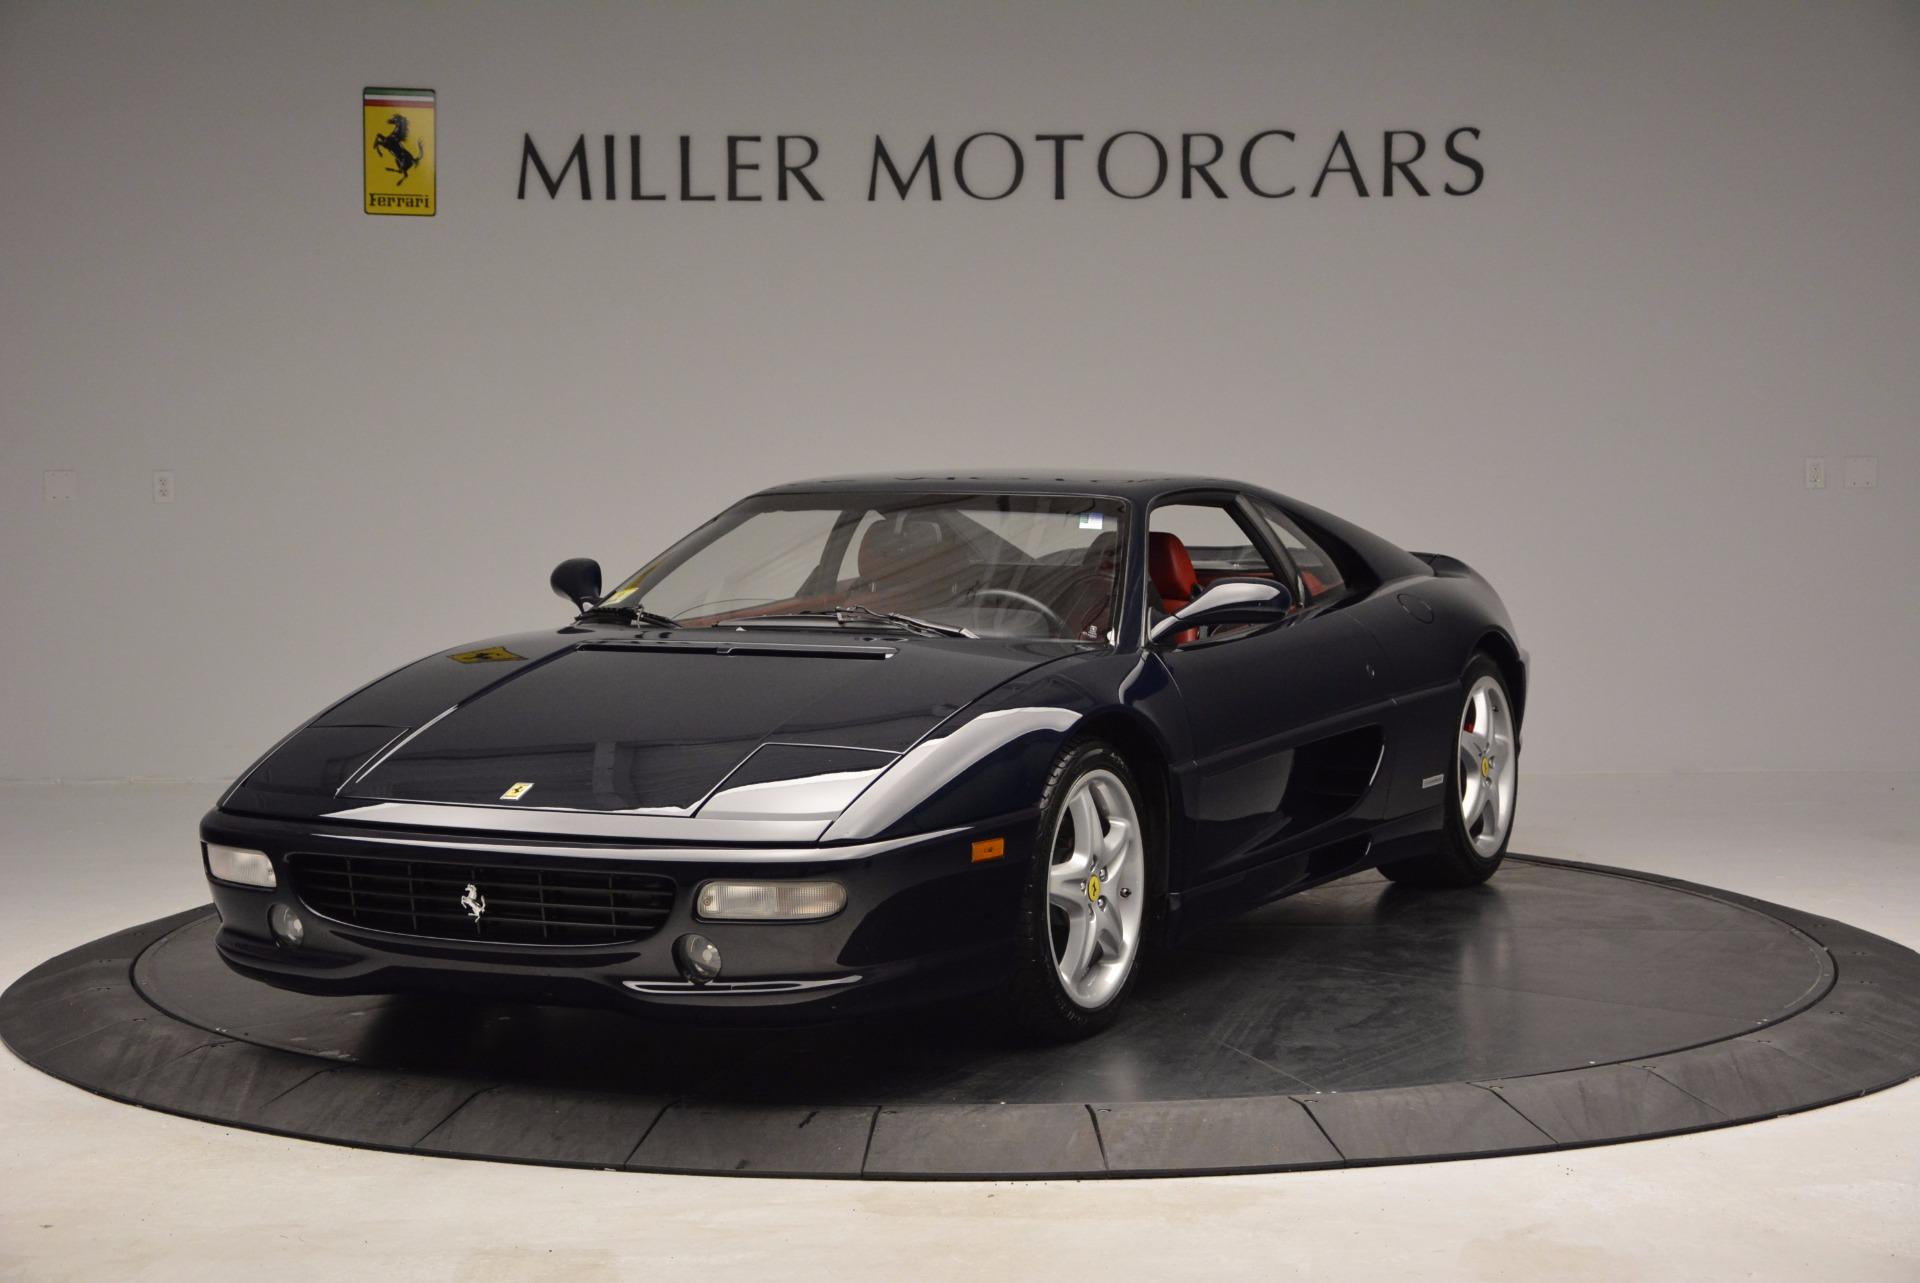 Used 1999 Ferrari 355 Berlinetta for sale Sold at Bugatti of Greenwich in Greenwich CT 06830 1